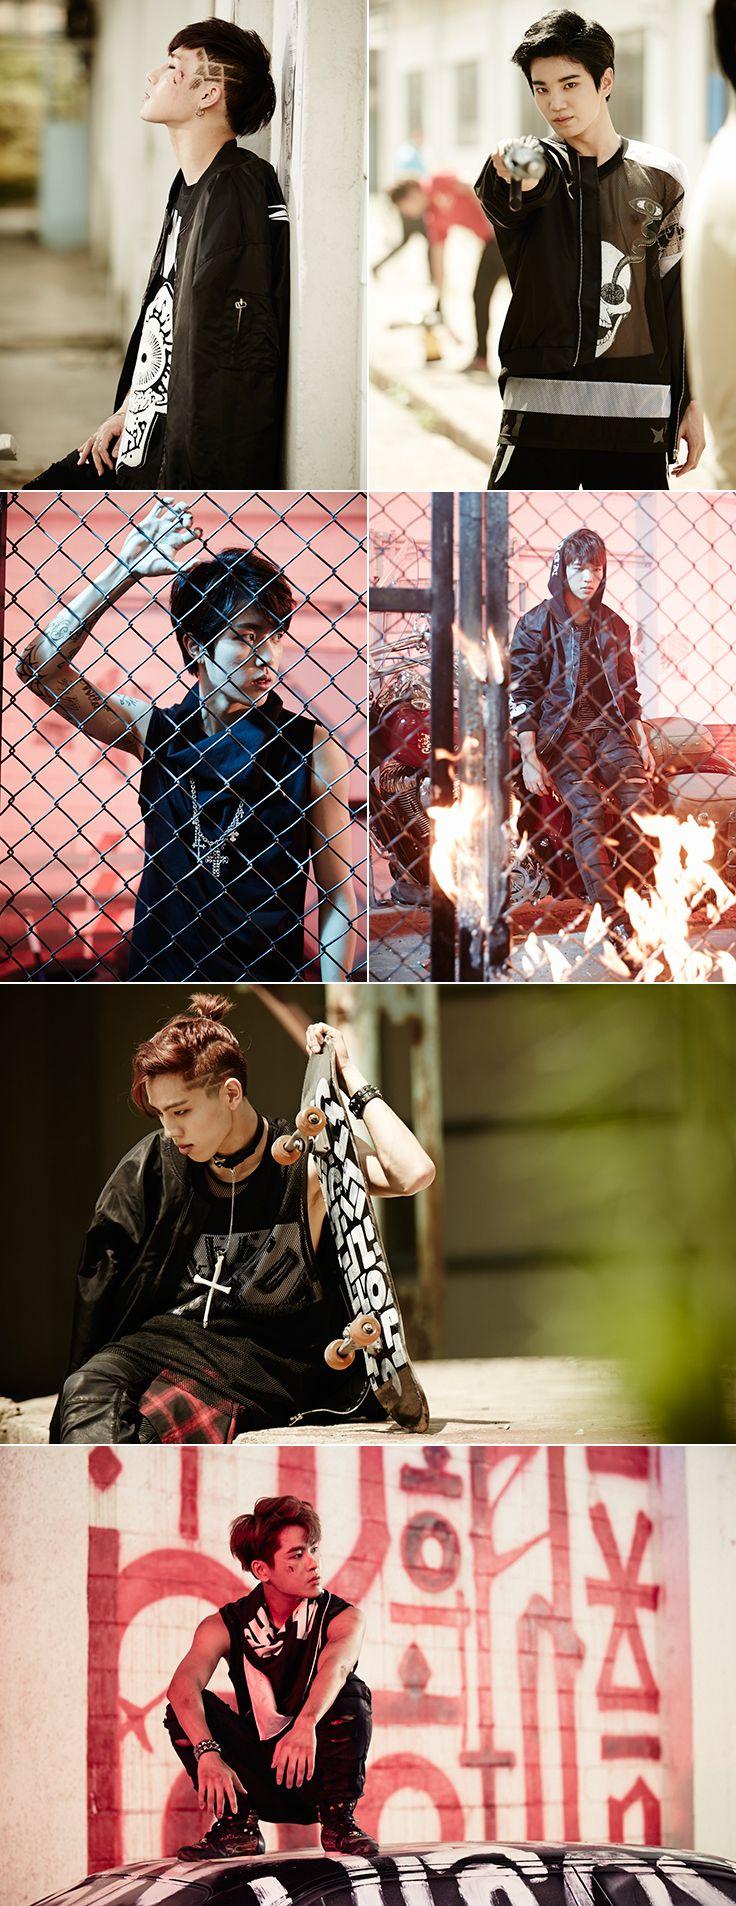 Infinite's Woohyun, Sungyeol, Sungkyu, Sungjong, Dongwoo and Hoya